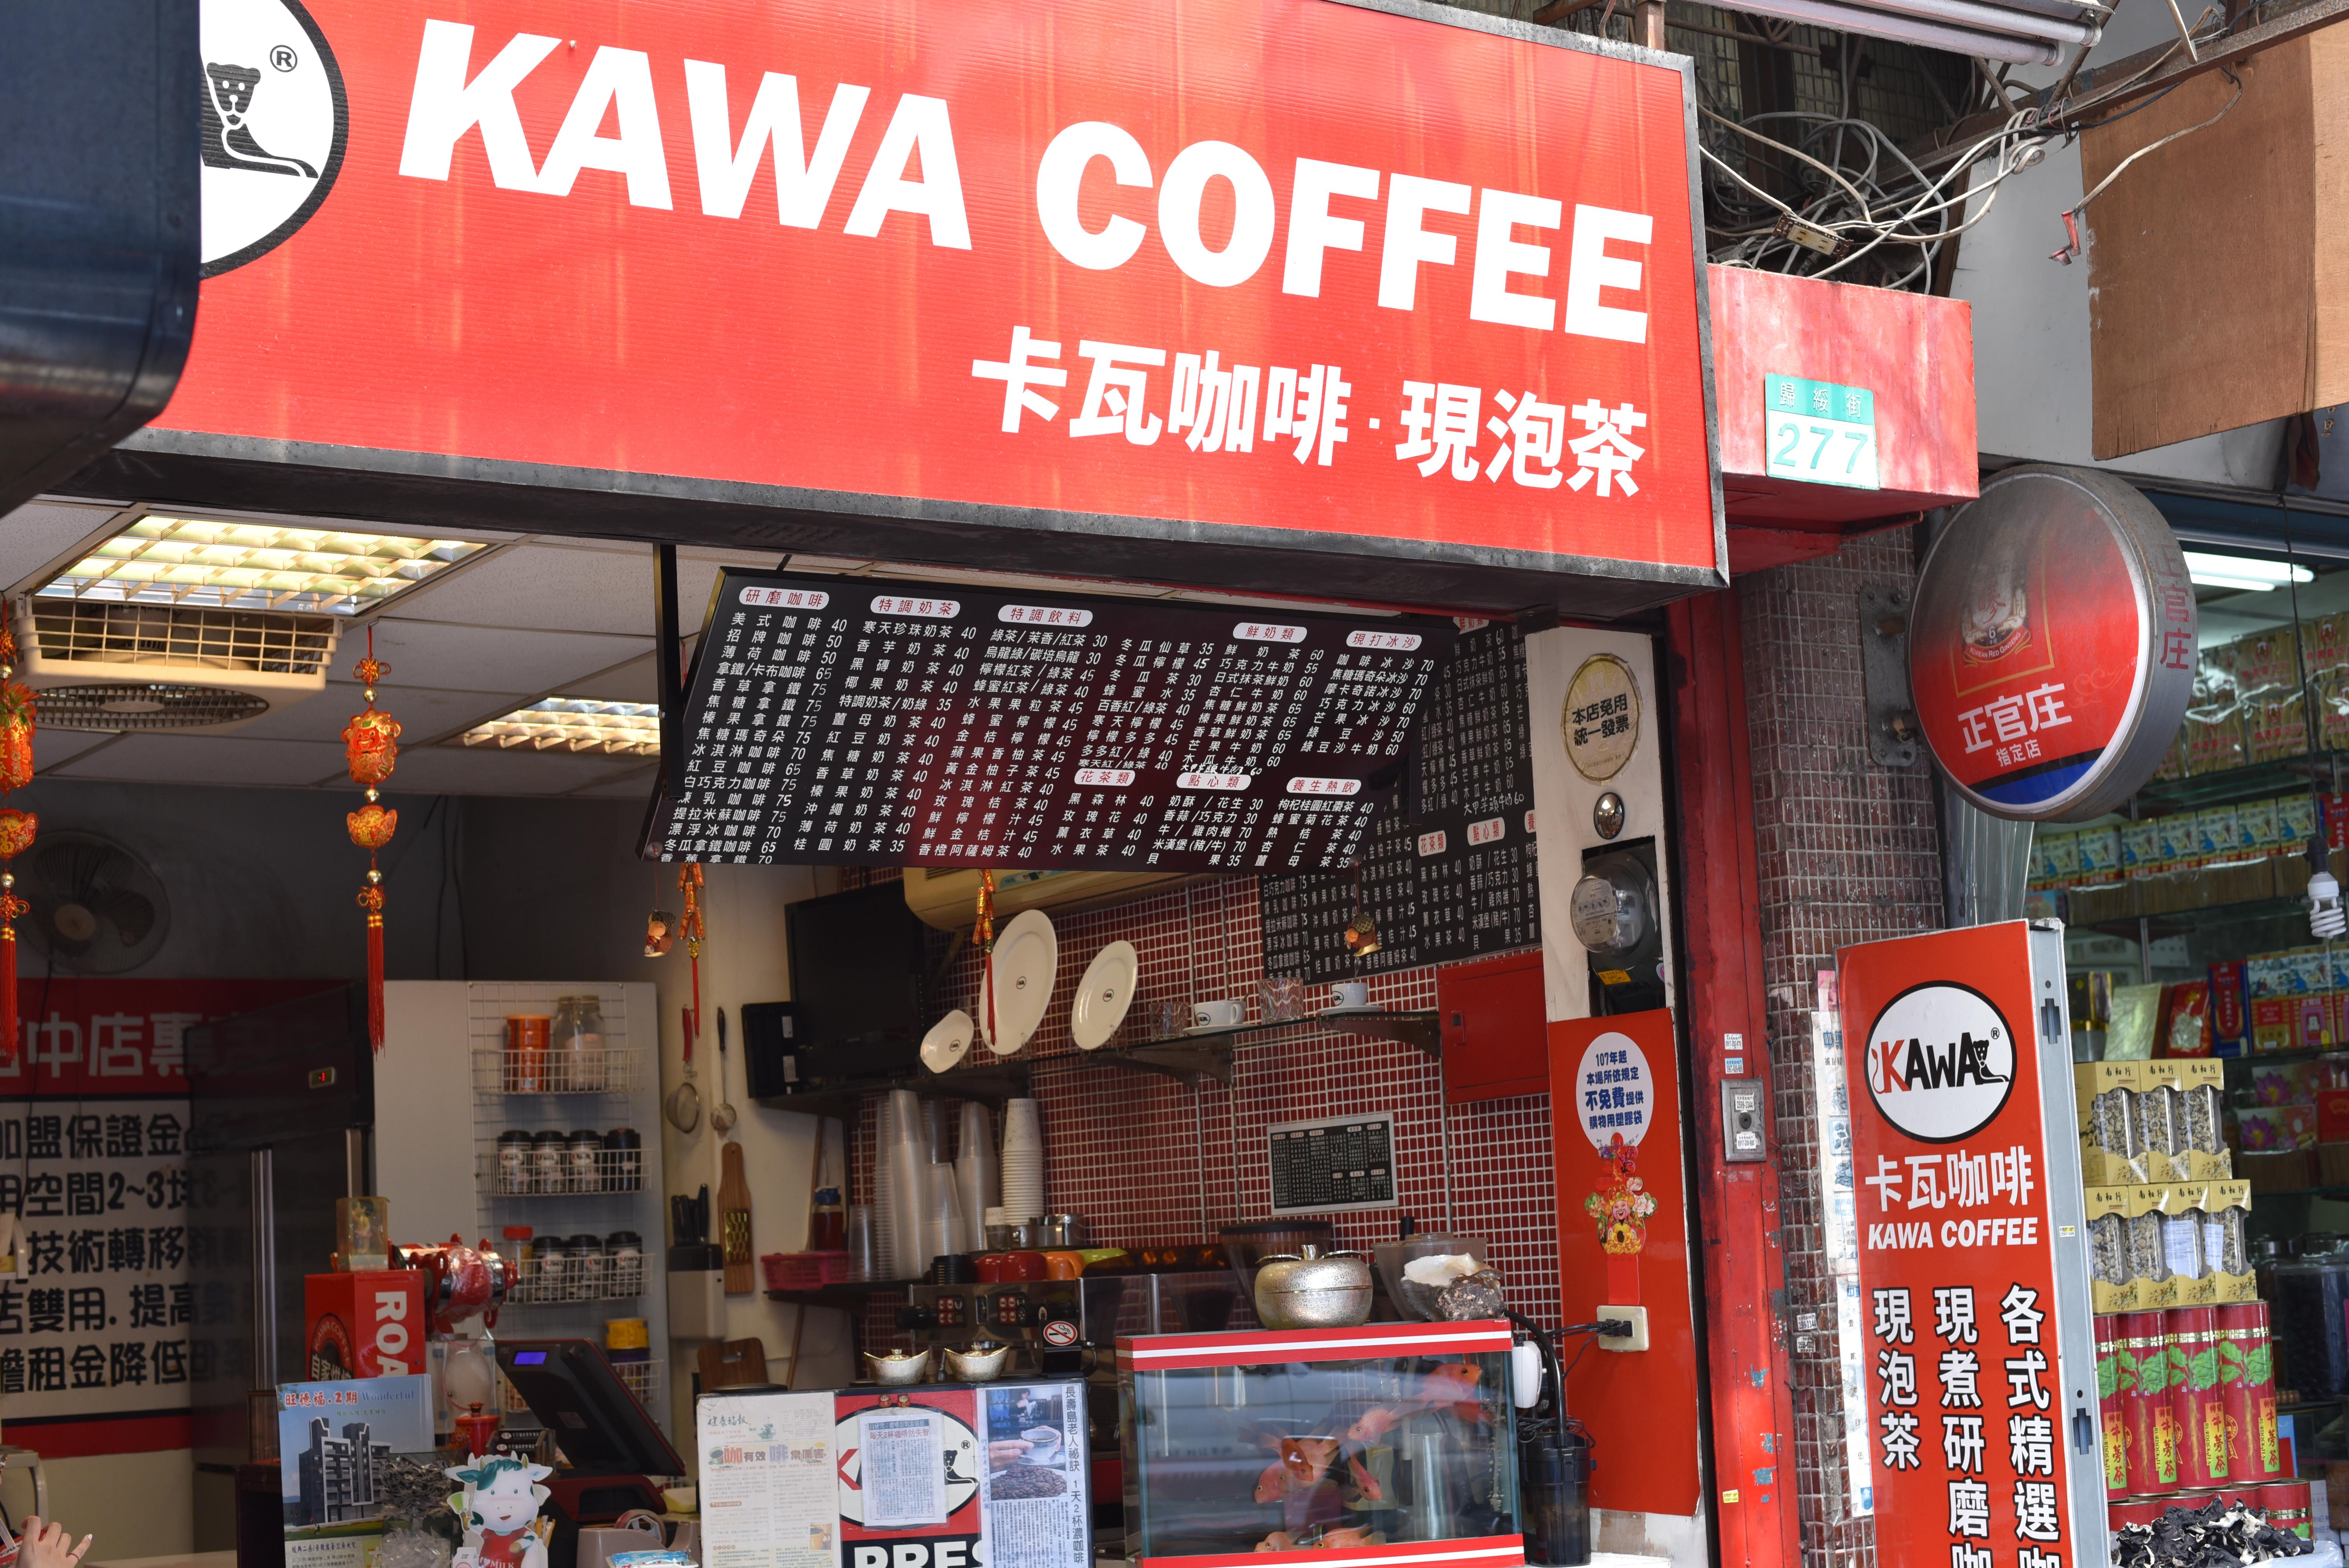 迪化街 ジューススタンド KAWA COFFEE